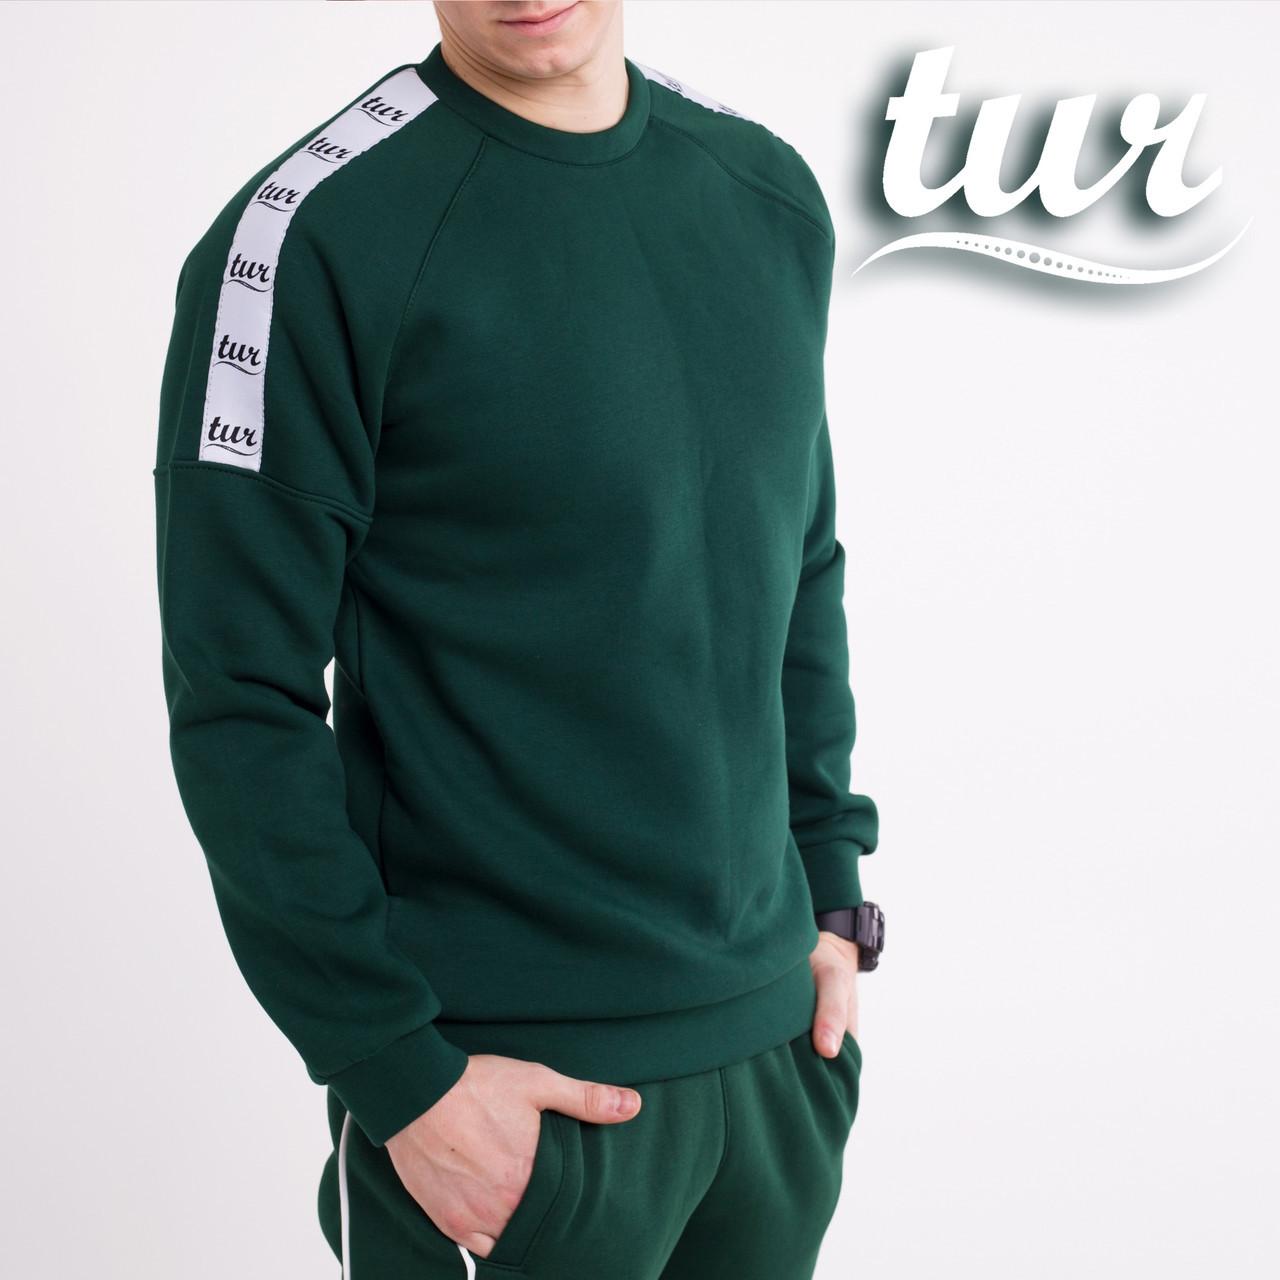 Зимний свитшот реглан мужской зеленый с лампасом от бренда ТУР Сайбот (Saibot ) размер S, M, L, XL